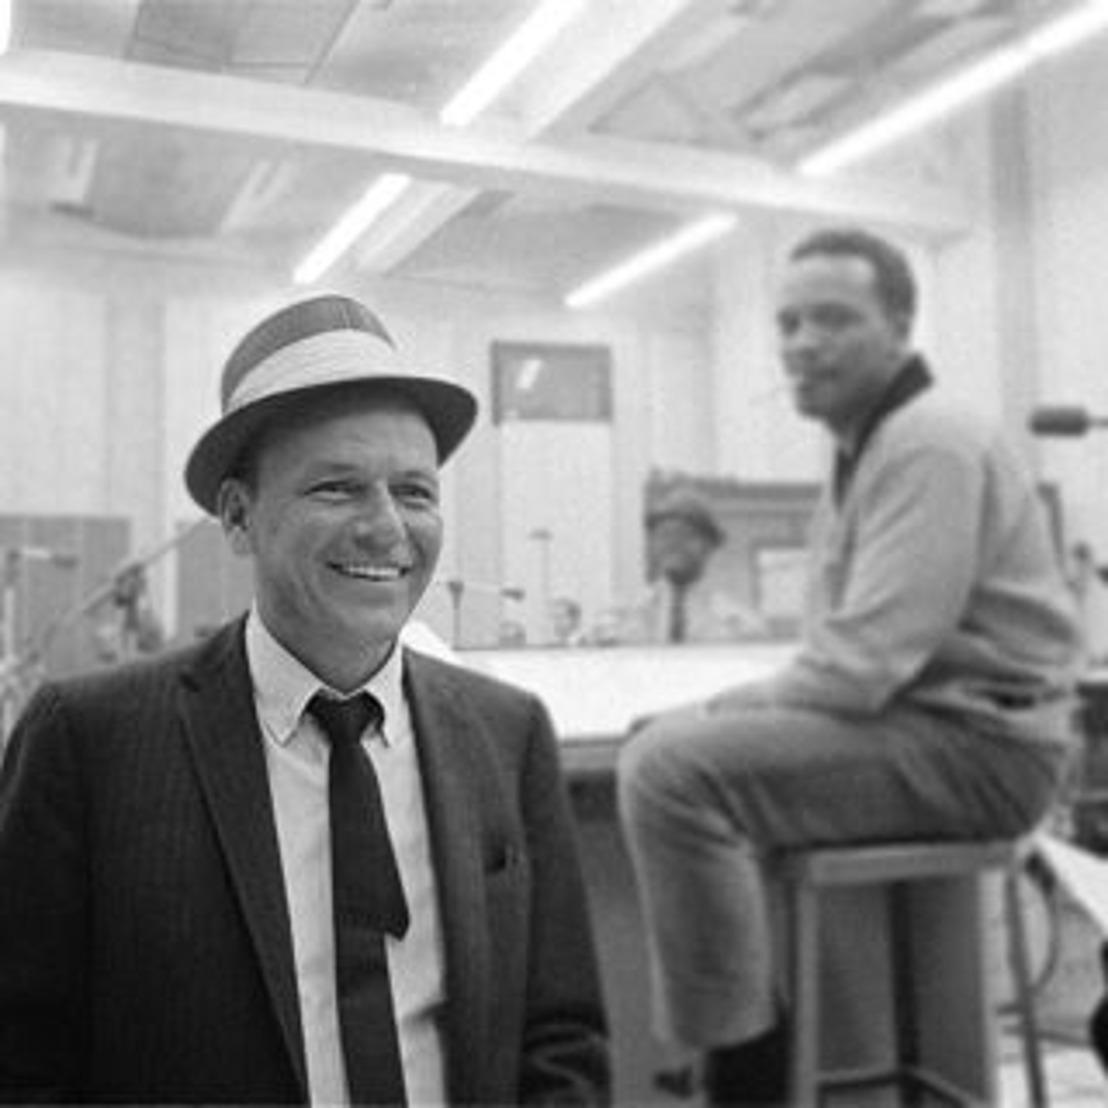 ¡Feliz cumpleaños Frank Sinatra!, su bebida favorita recuerda cada gota de su personalidad.